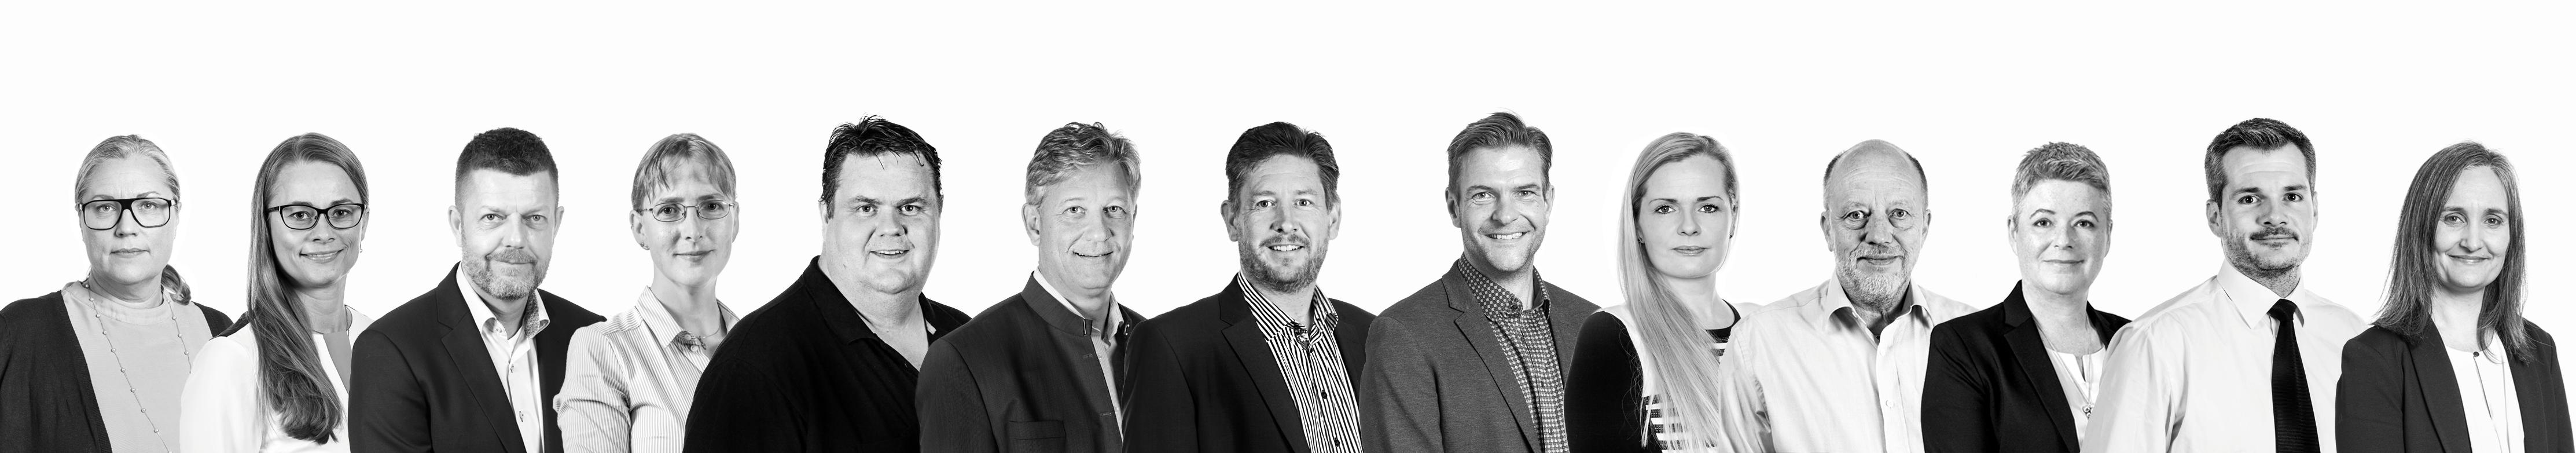 Advokater fra Advokatfirmaet Strauss & Garlik